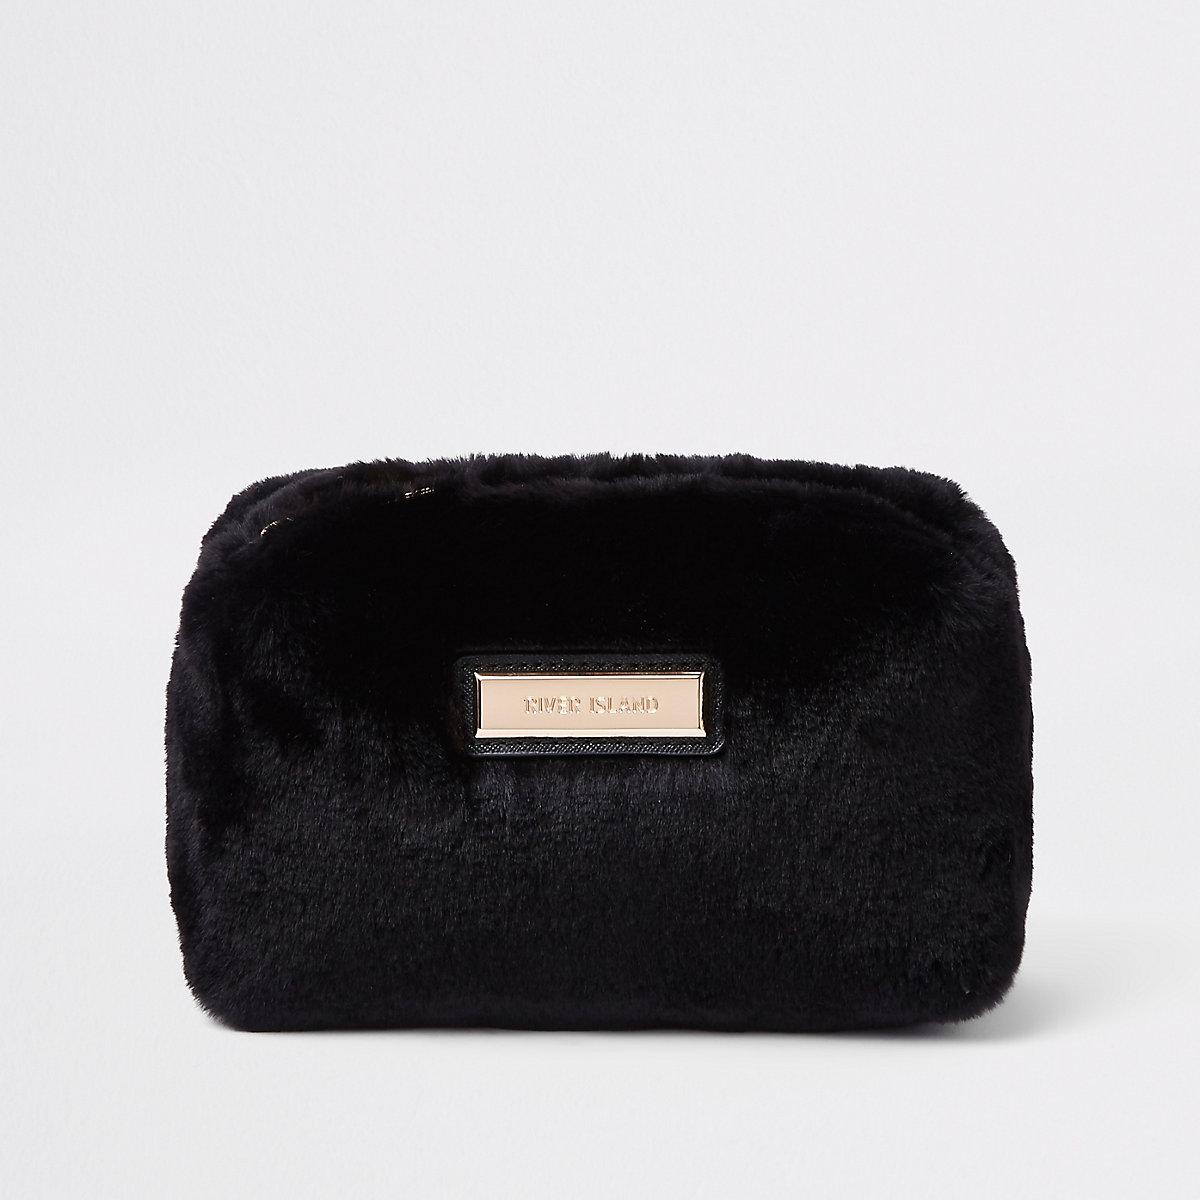 Black faux fur make up bag